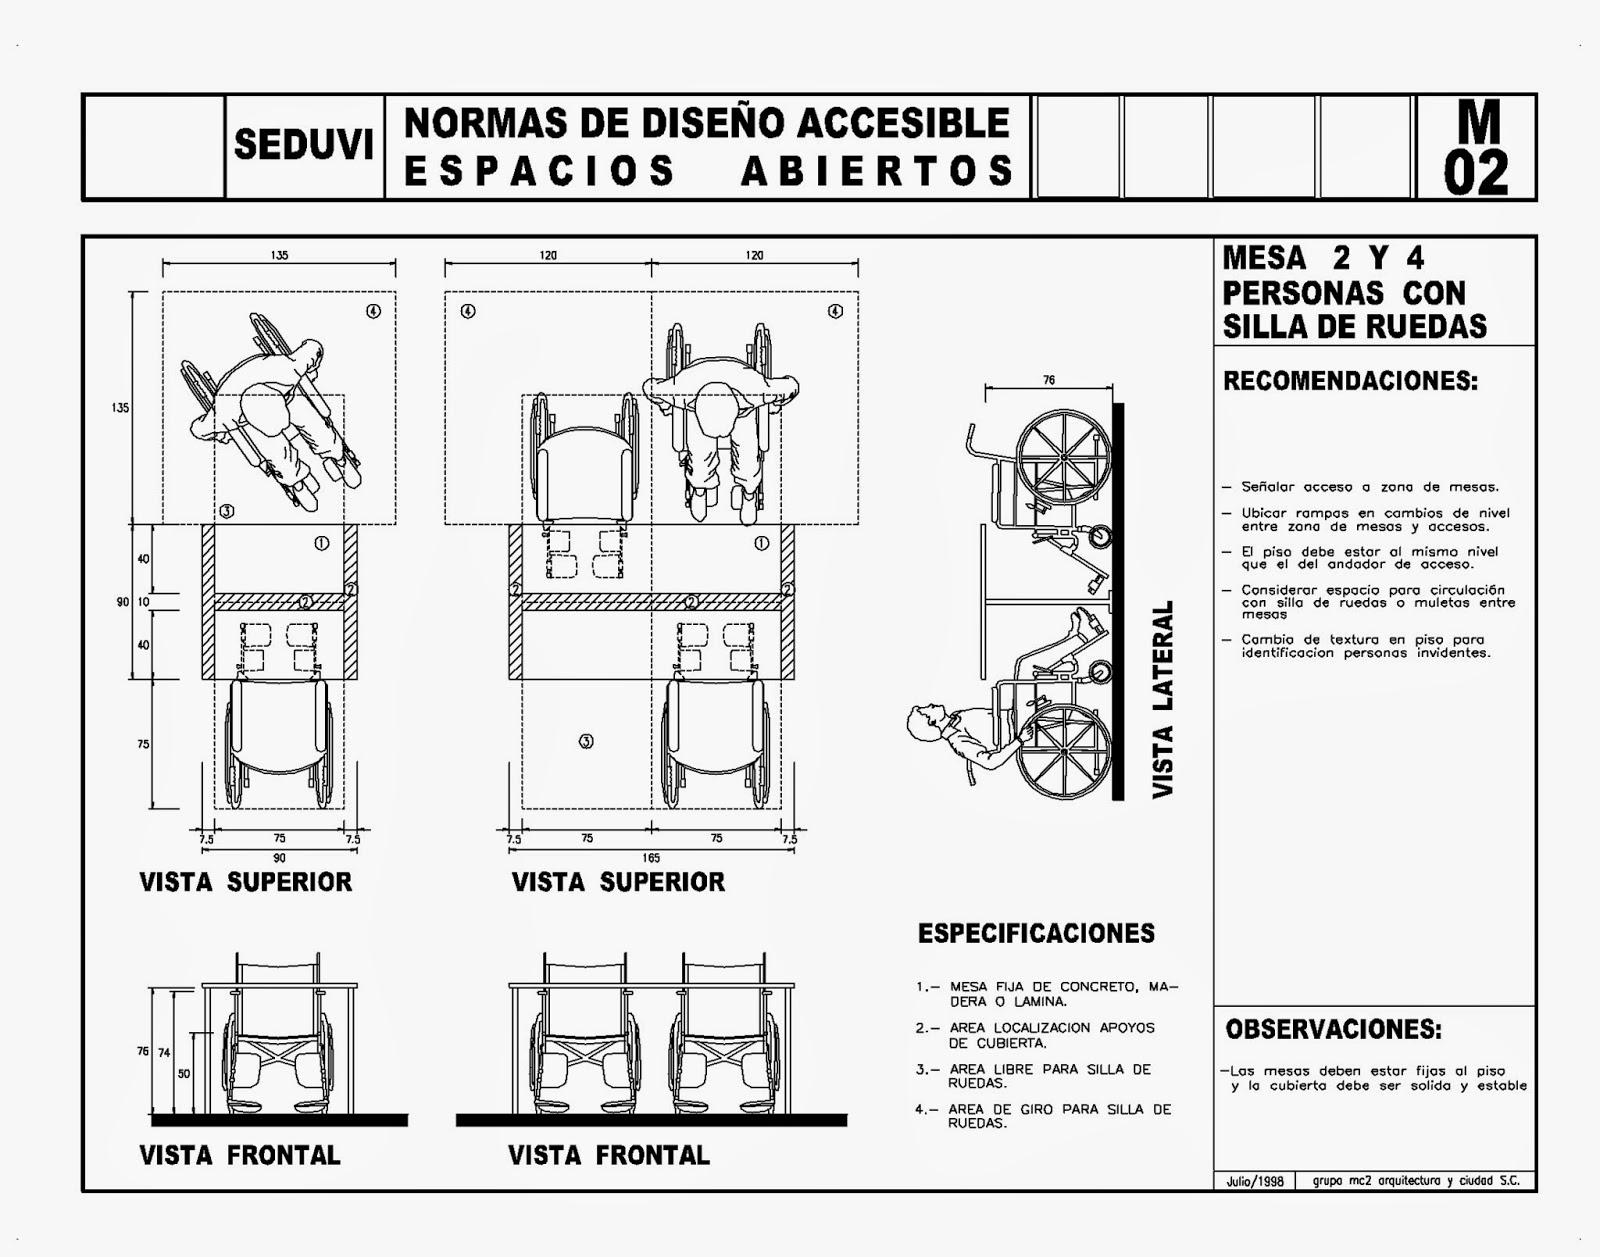 Diseno Baño Discapacitados:Todo para el Arqui: Normas diseño discapacitados (3) SEDUVI – Autocad